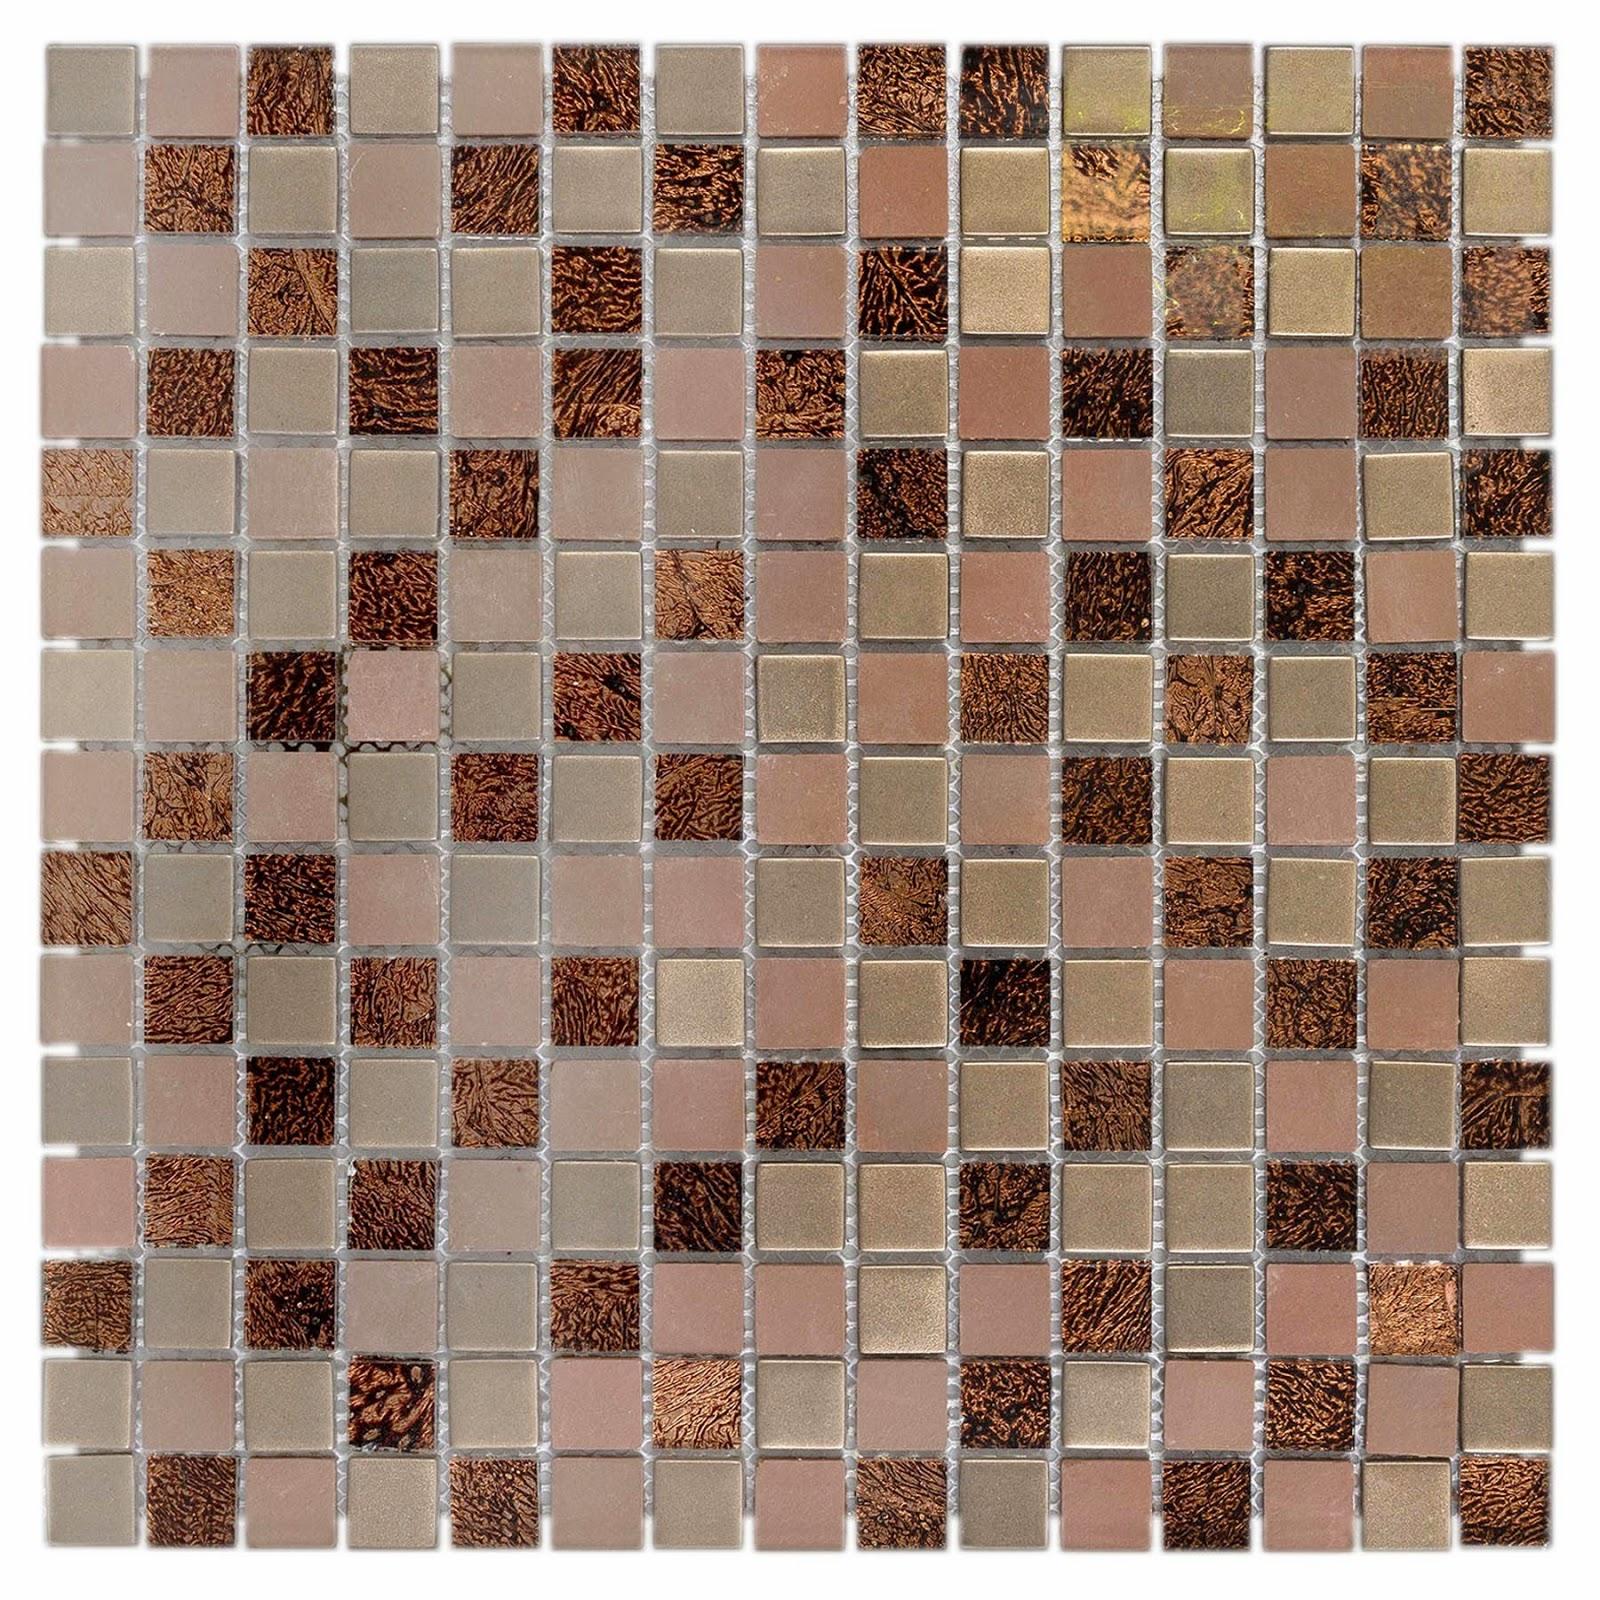 Pastilha de Vidro Marrom e Dourada INF 150 30x30 cm Colortil #3E2018 1600x1600 Banheiro Com Pastilhas Douradas